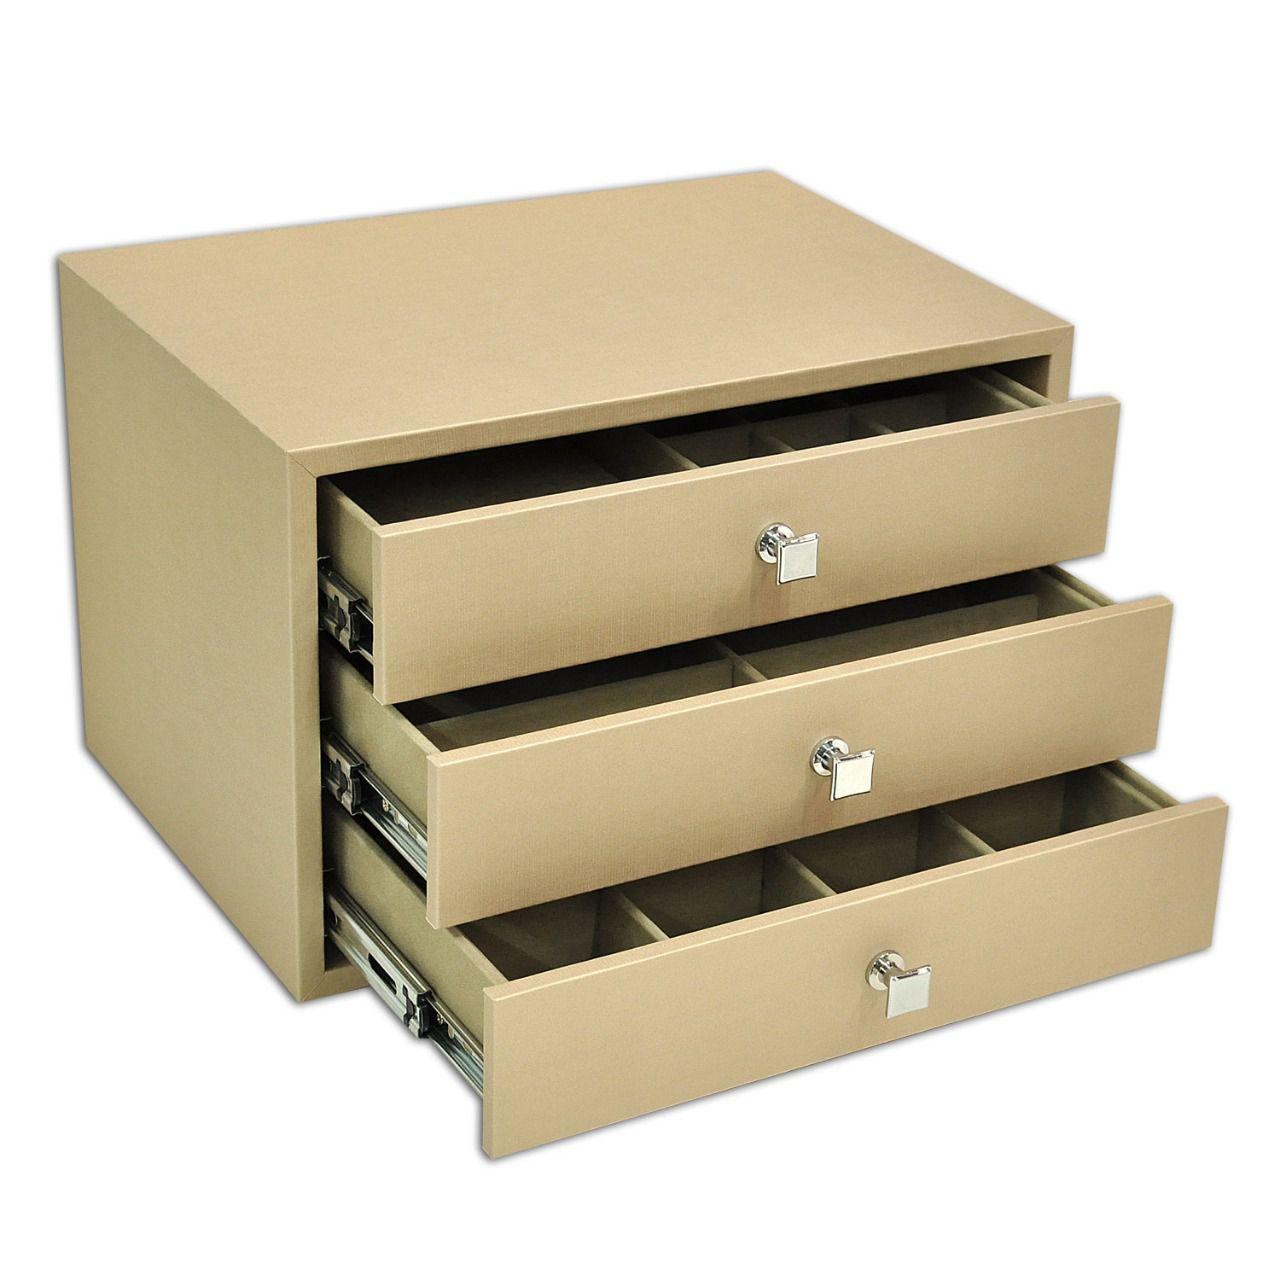 Móvel Porta-Joias com 3 gavetas - Dourado / Bege